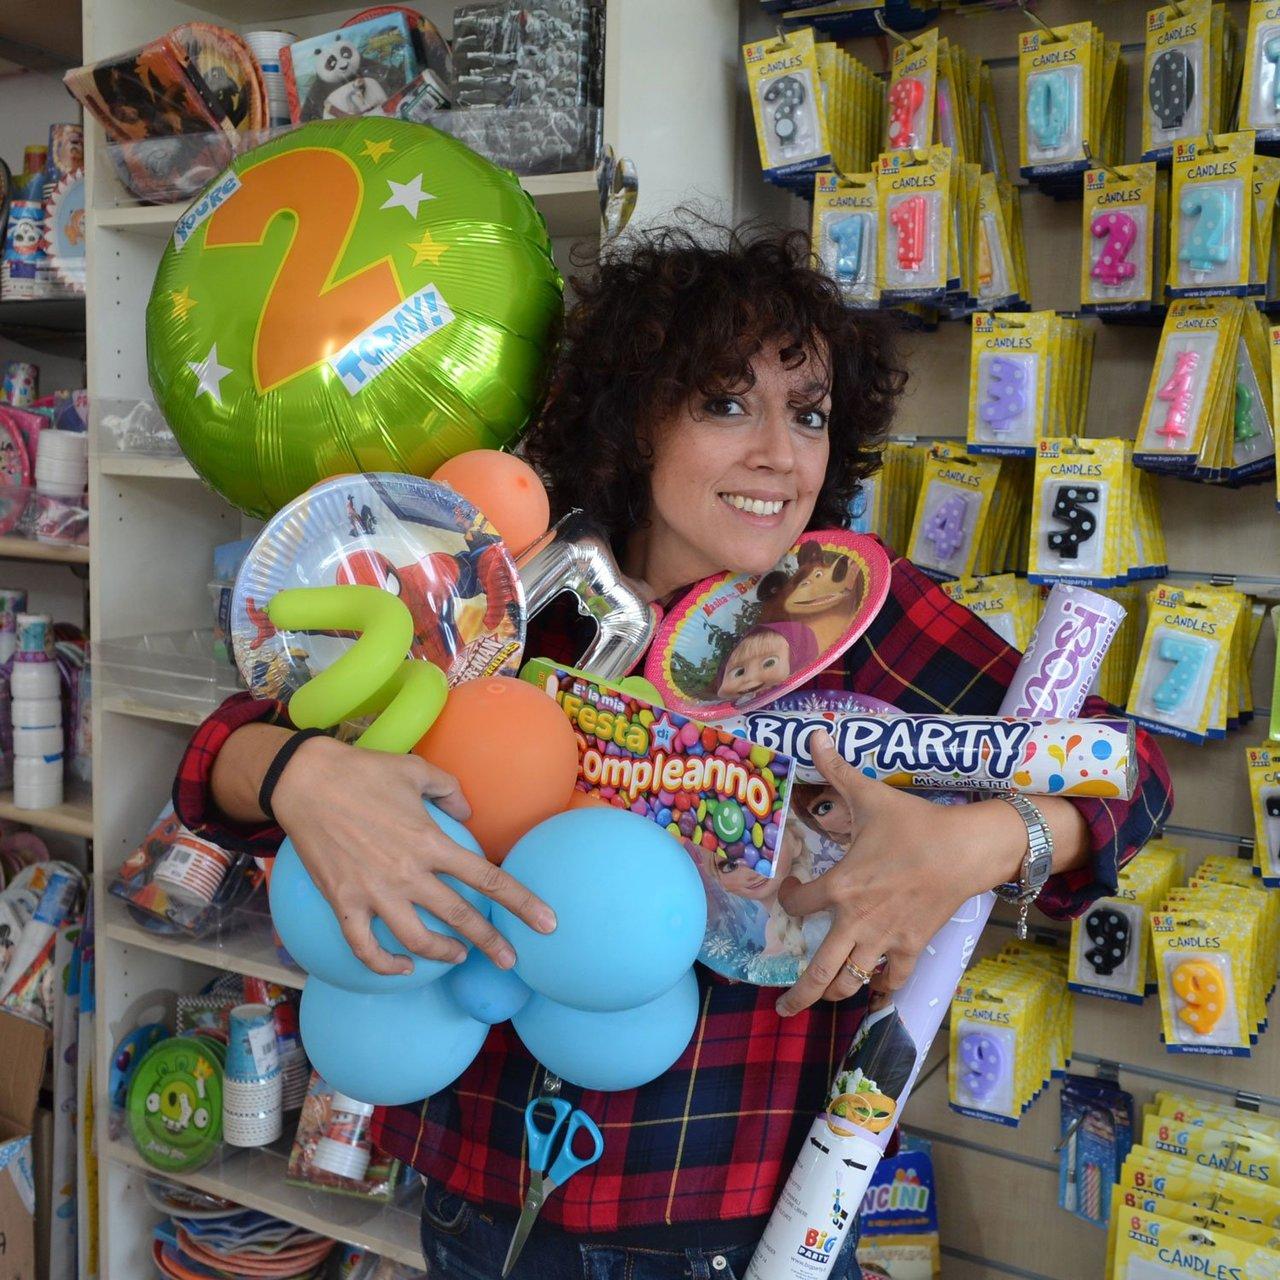 Balloon artist con addobbi per feste e palloncini a Bari